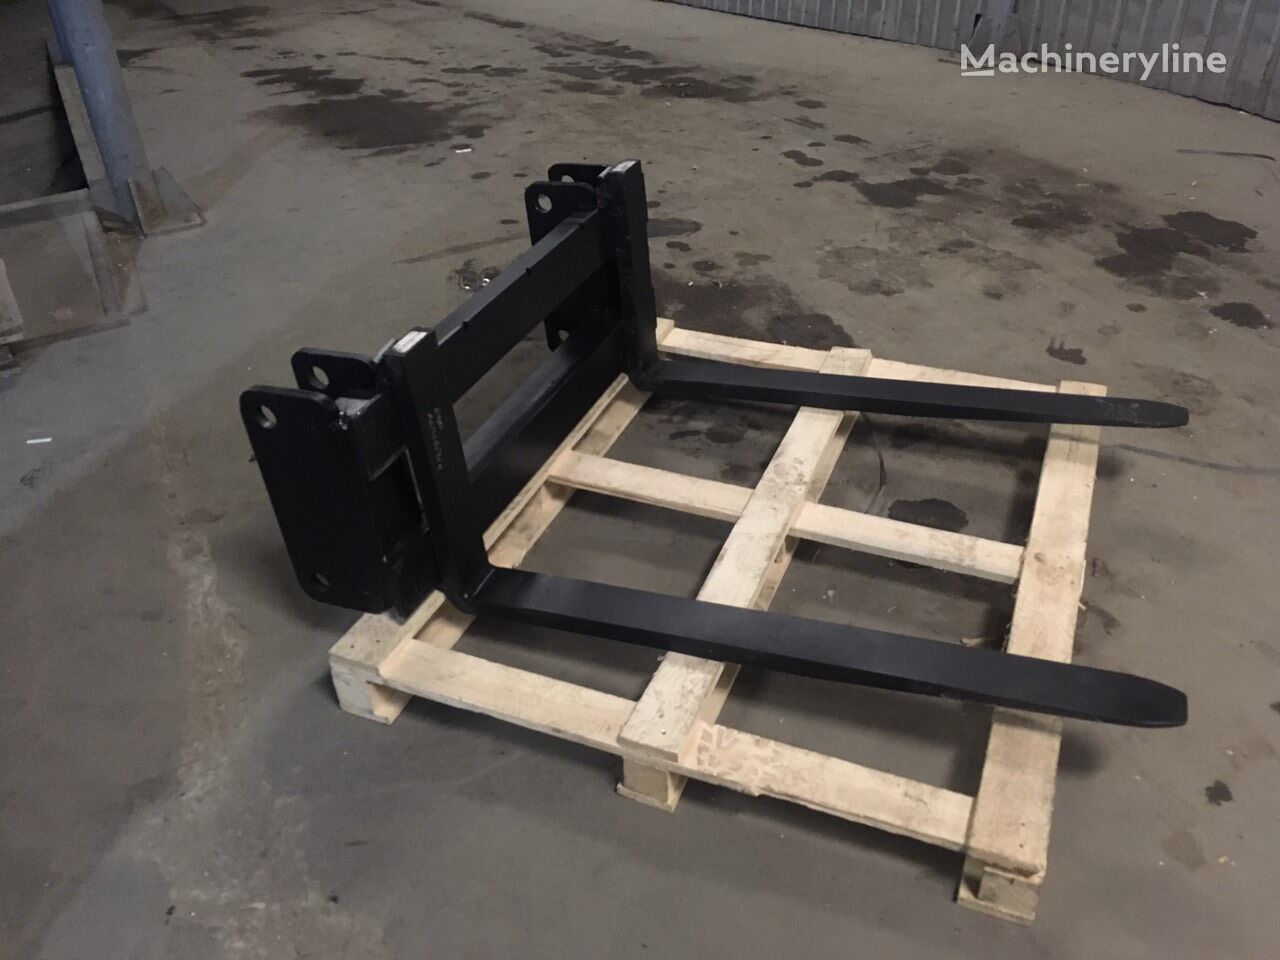 new Vily dlya pogruzchika ot 2 tonny pallet fork